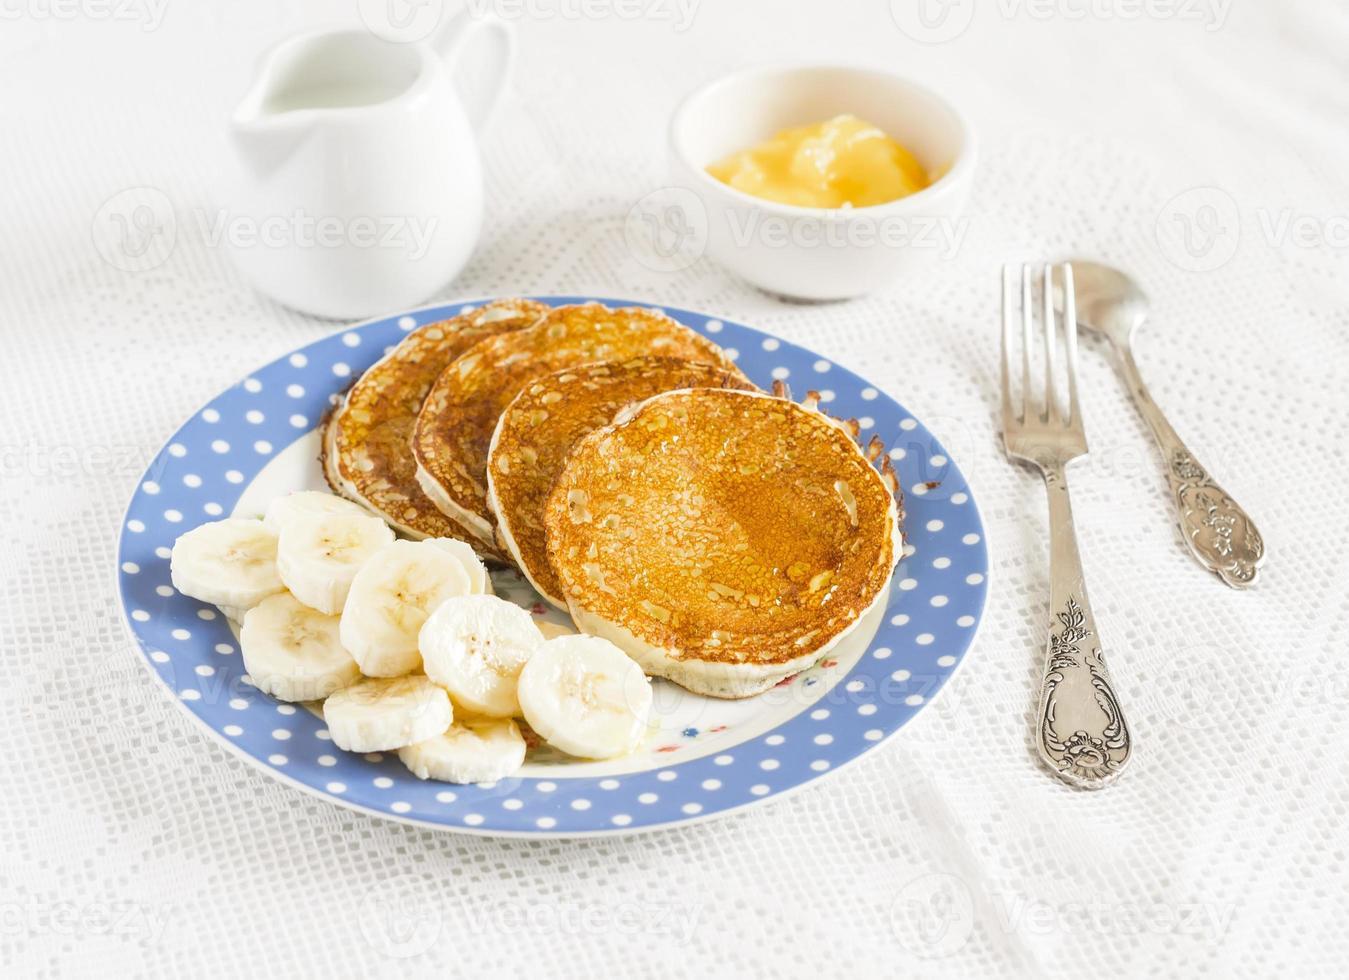 bananpannkaka. utsökt frukost. på en ljus yta foto